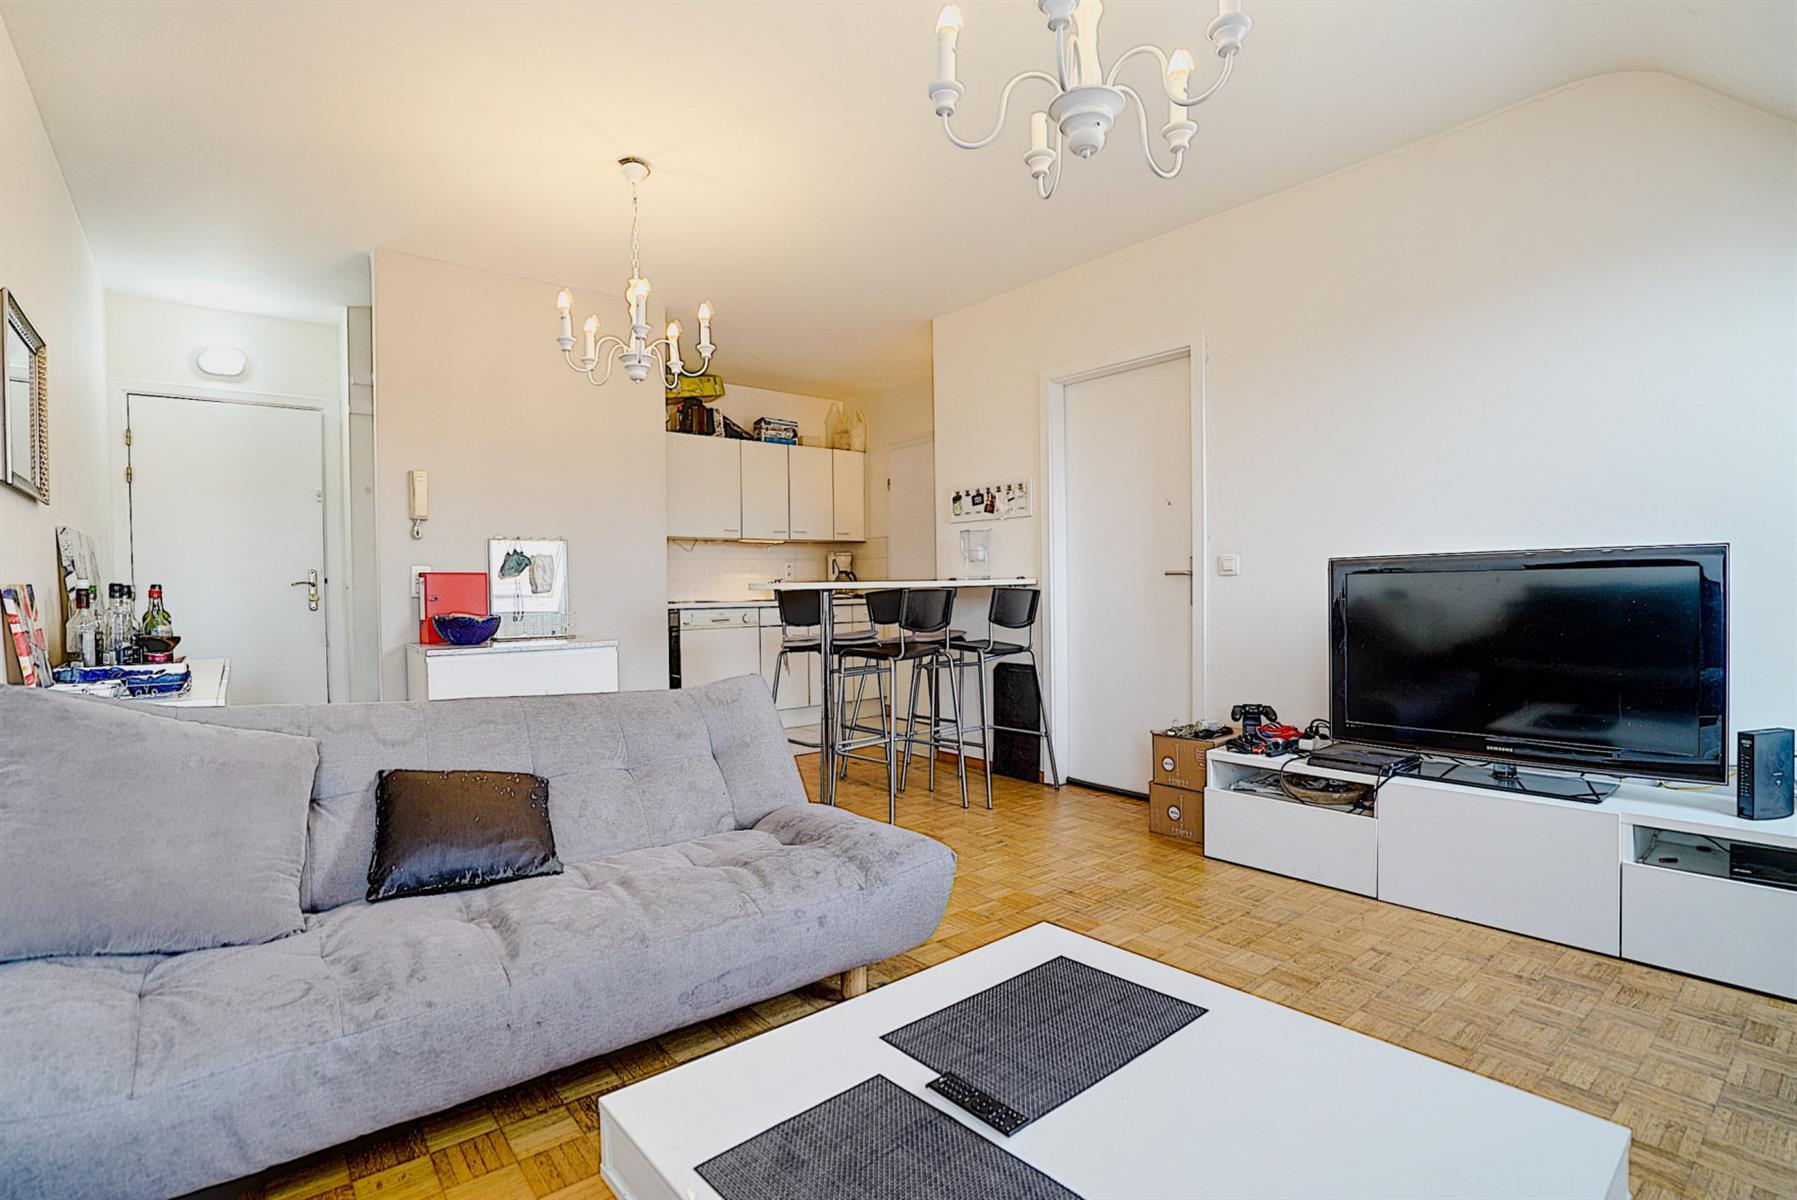 Appartement - Ottignies-louvain-la-neuve - #4342720-5